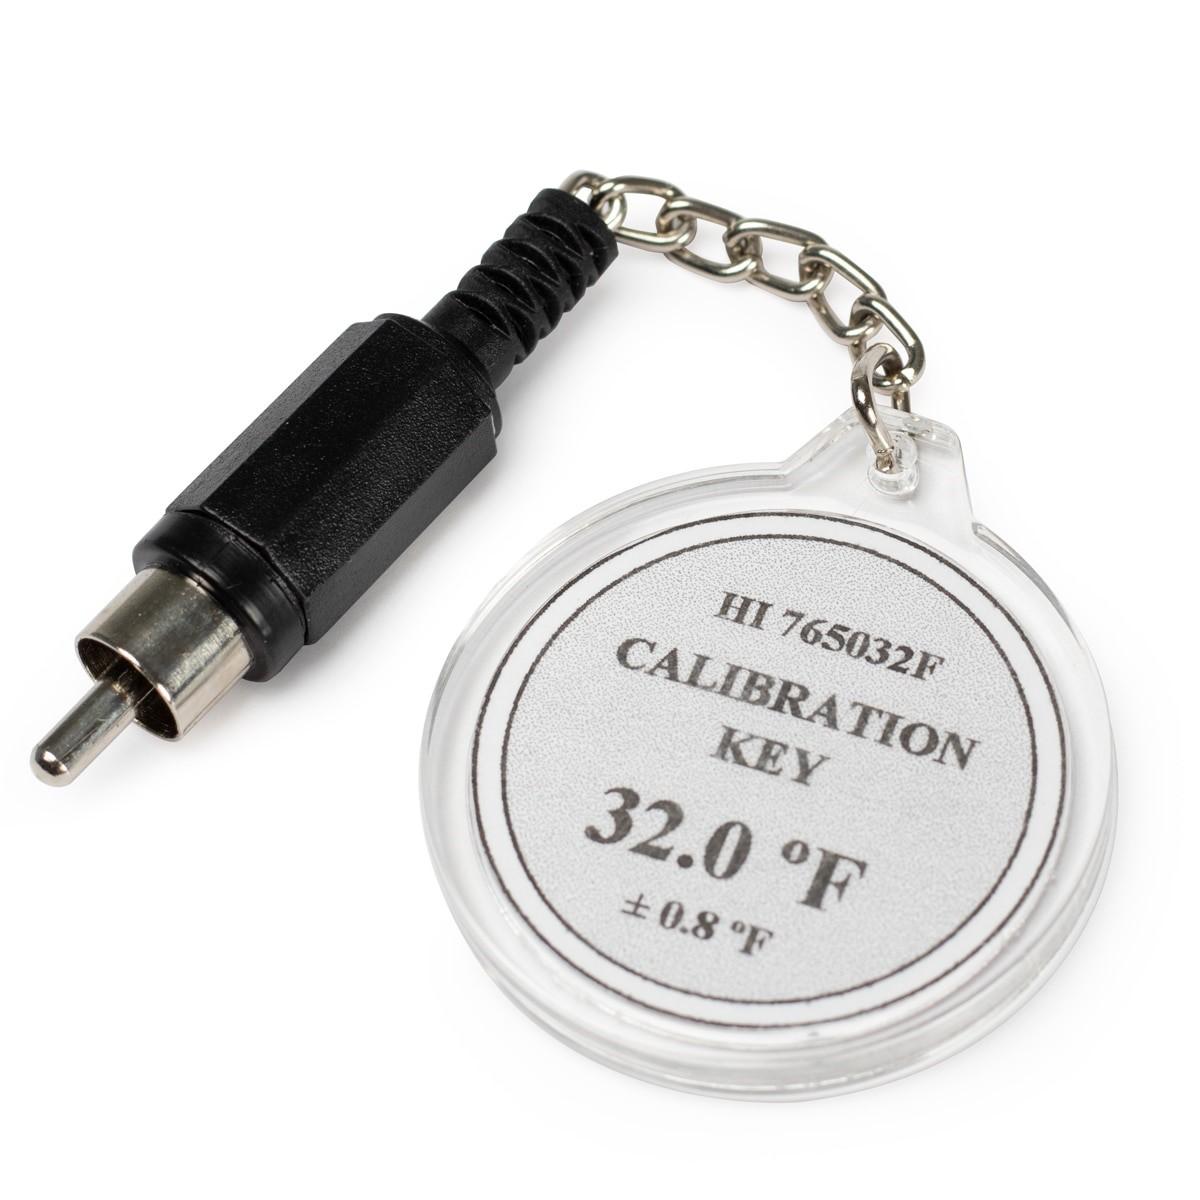 HI765032F Calibration Check Key at 32°F (HI765 Probes)